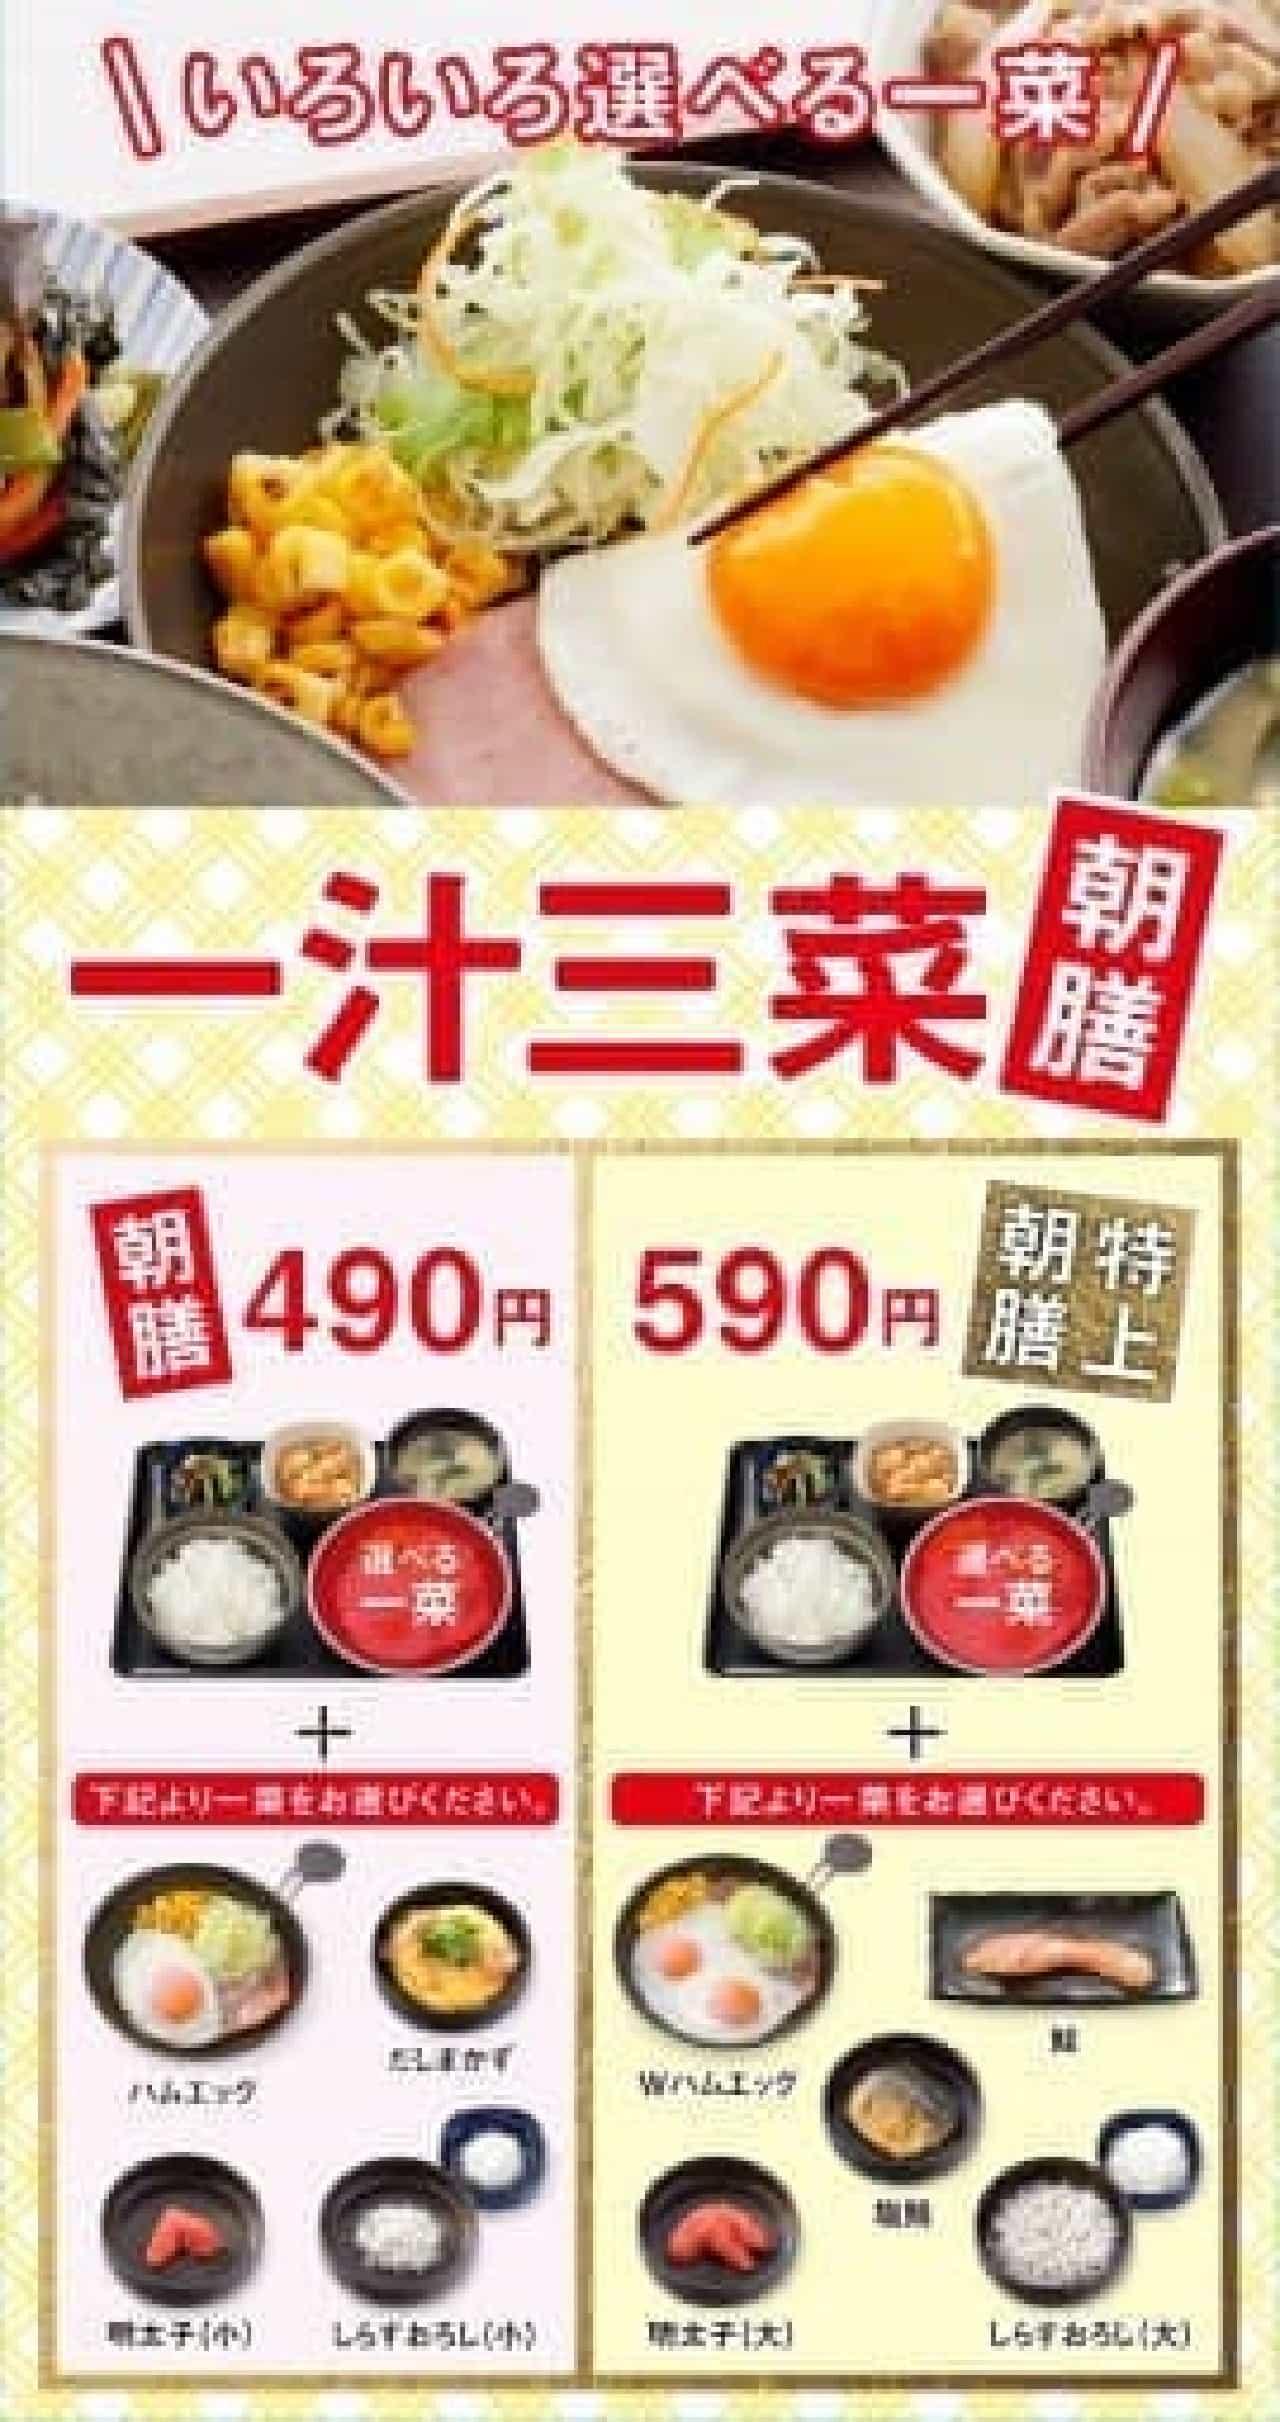 福岡県内の吉野家に、朝ごはんの新メニュー「一汁三菜 朝膳」